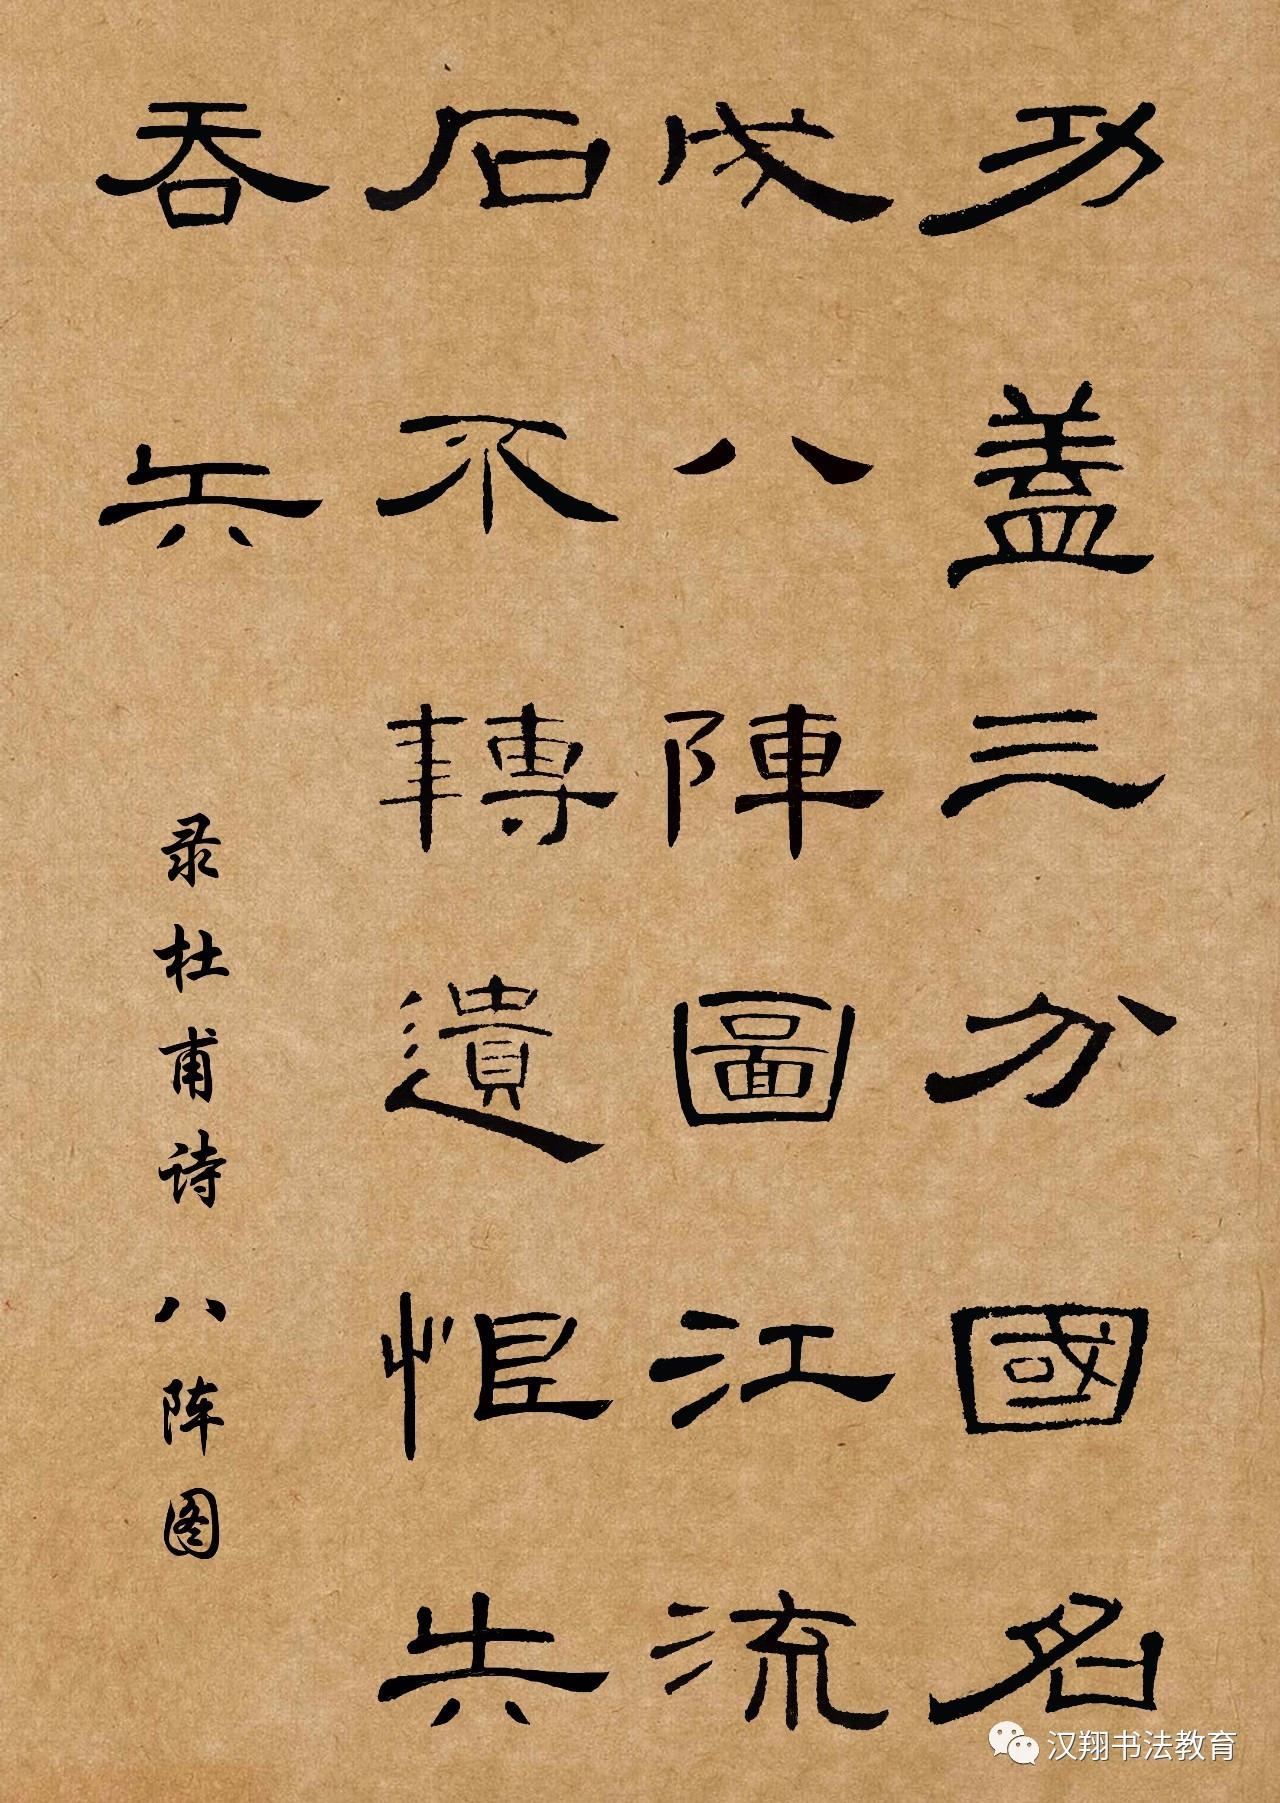 书法 书法作品 1280_1803 竖版 竖屏图片